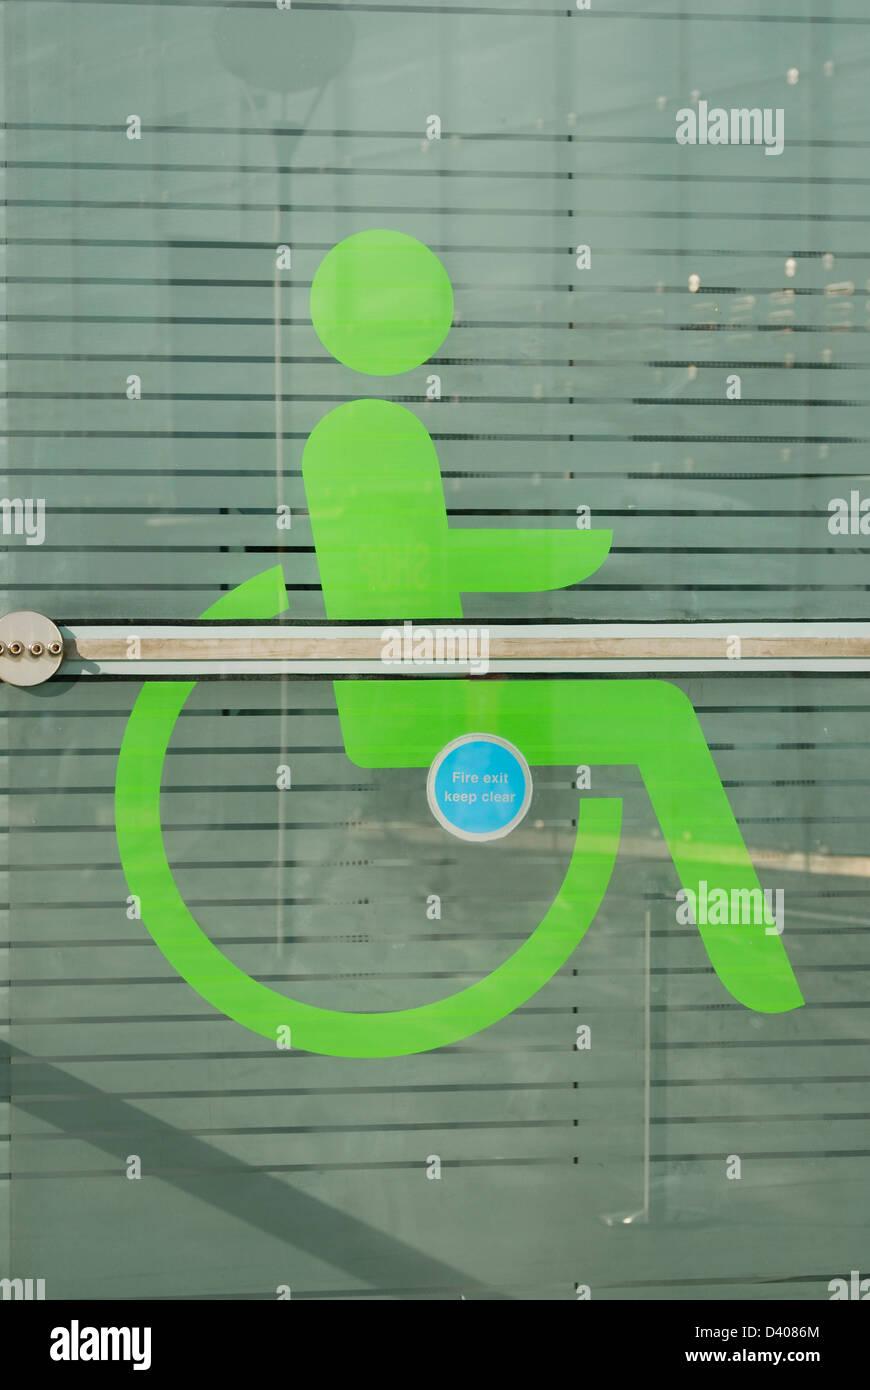 Disabilità segno sulla piastra di facciata in vetro dell'edificio Urbis, Manchester. Immagini Stock